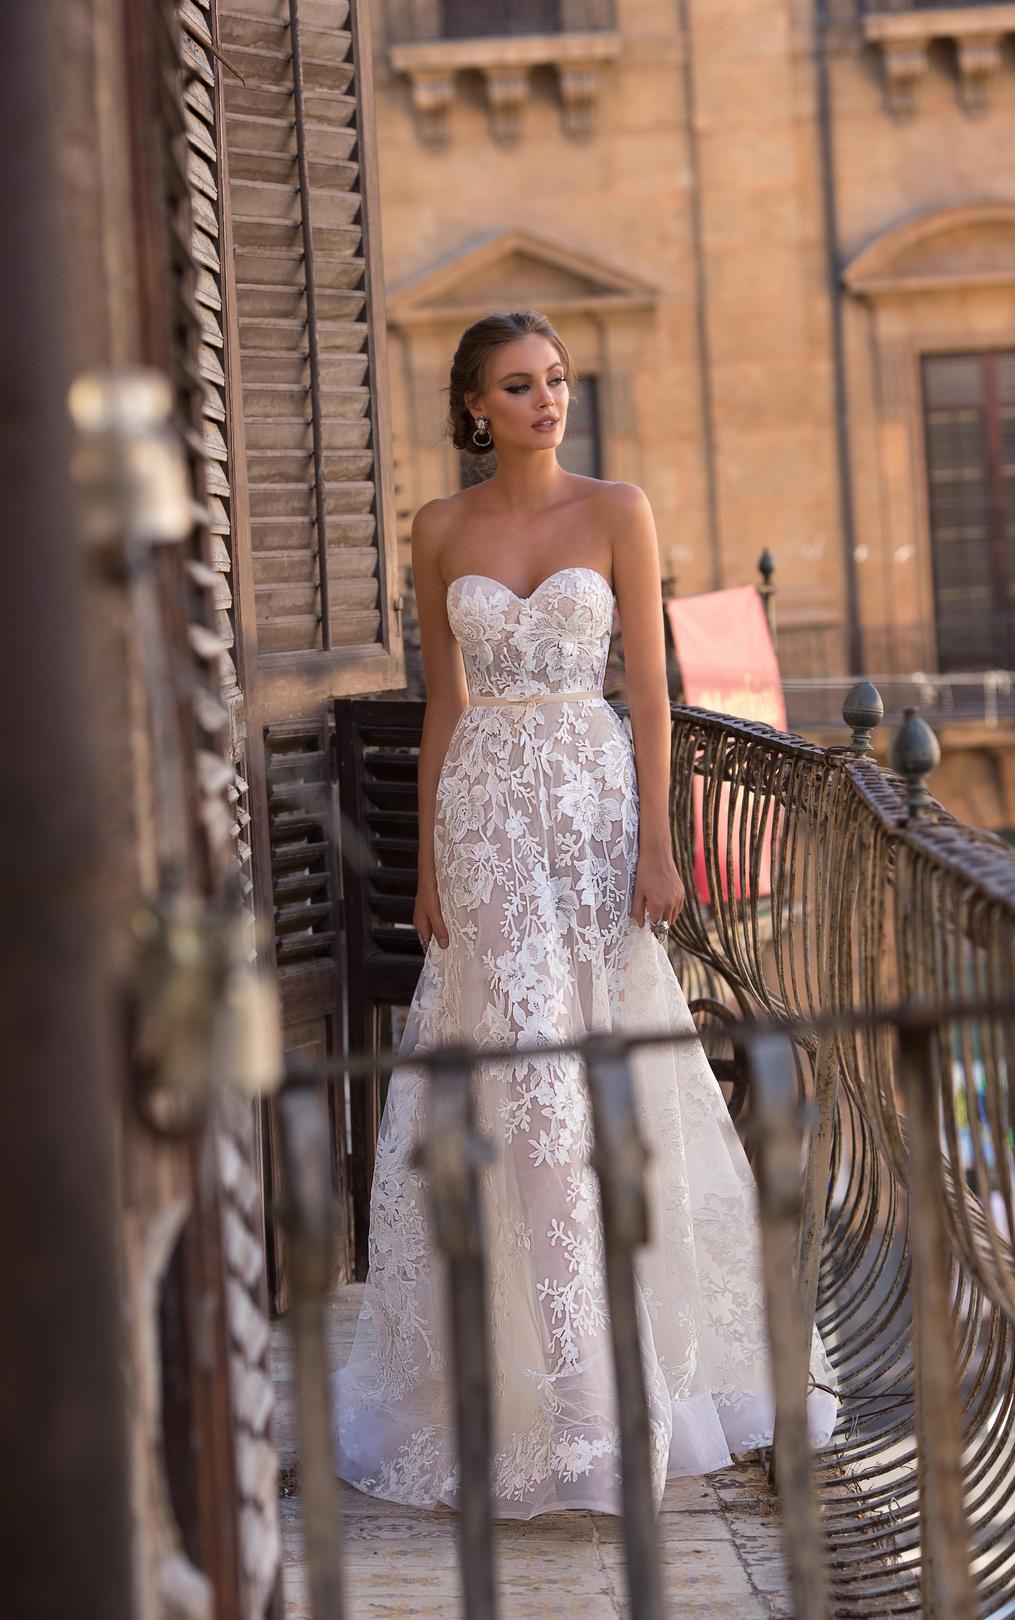 briony dress photo